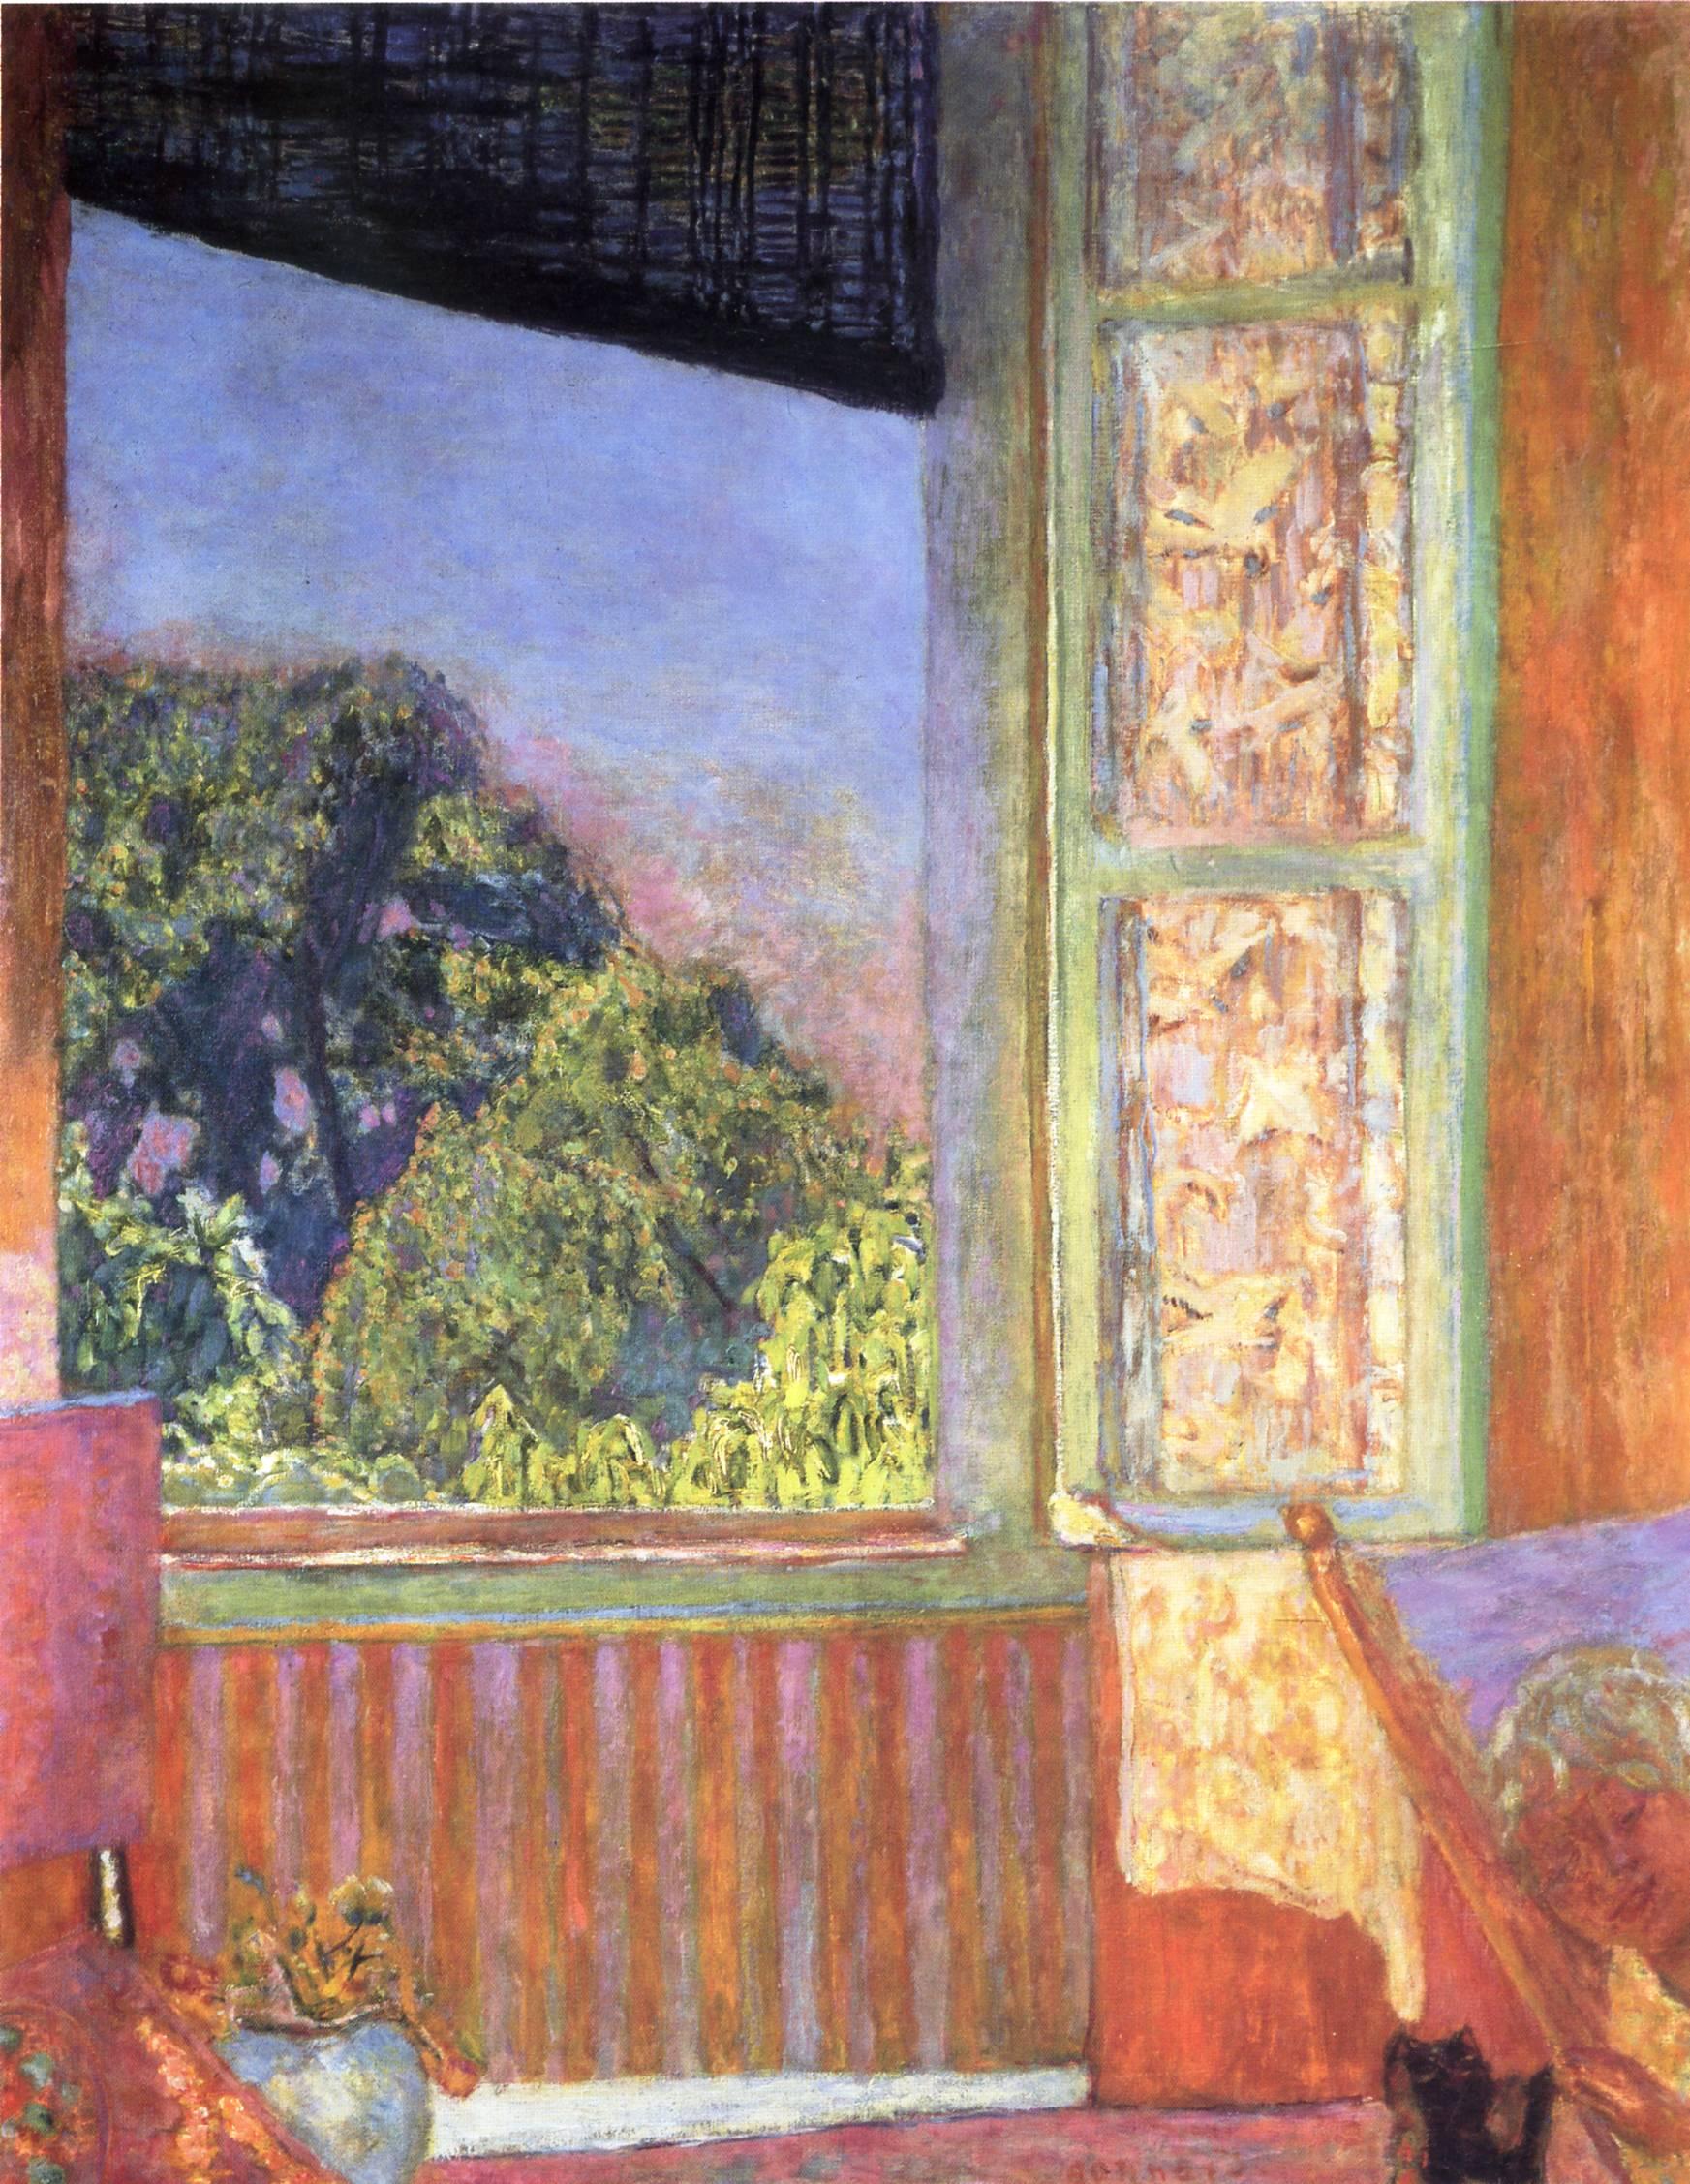 https://uploads5.wikiart.org/images/pierre-bonnard/the-open-window-1921.jpg